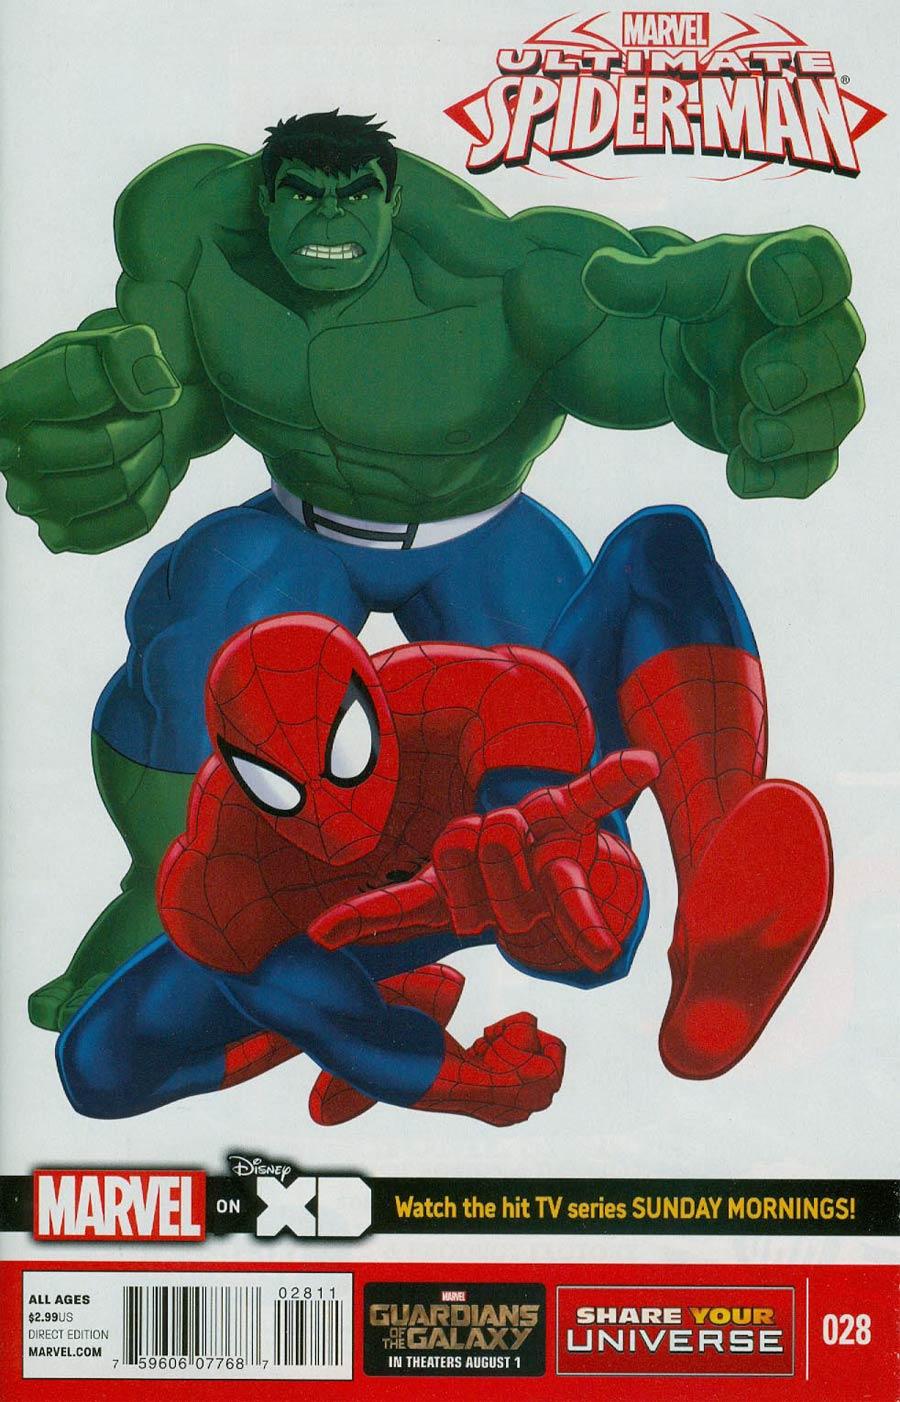 Marvel Universe Ultimate Spider-Man #28